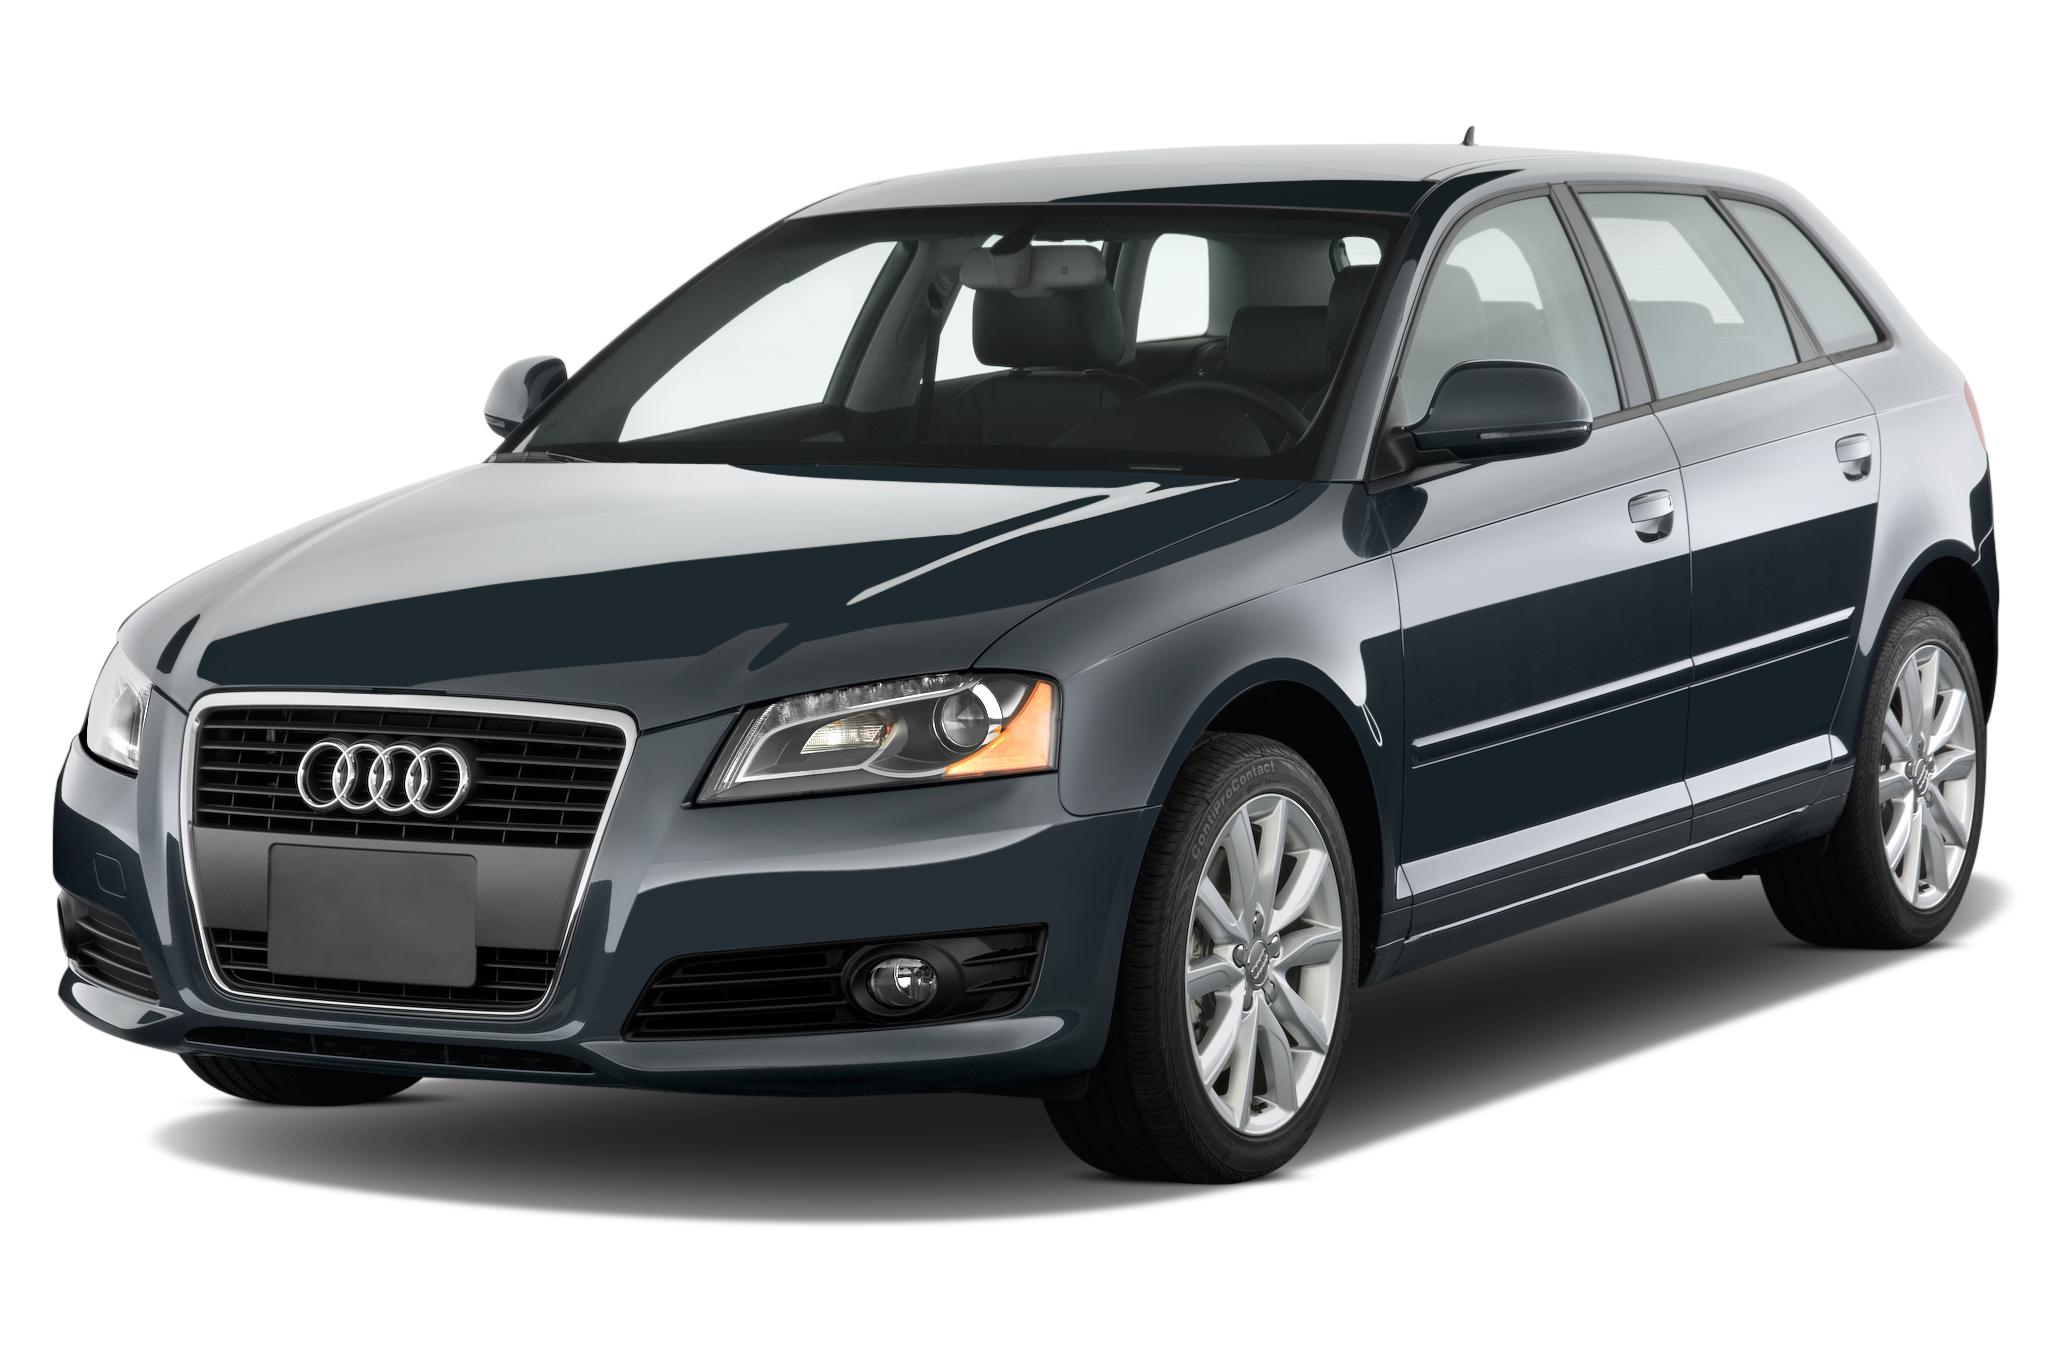 2010 audi a3 reviews and rating motor trend rh motortrend com Audi A4 Floor Mats Original 2008 Audi A3 Floor Mats